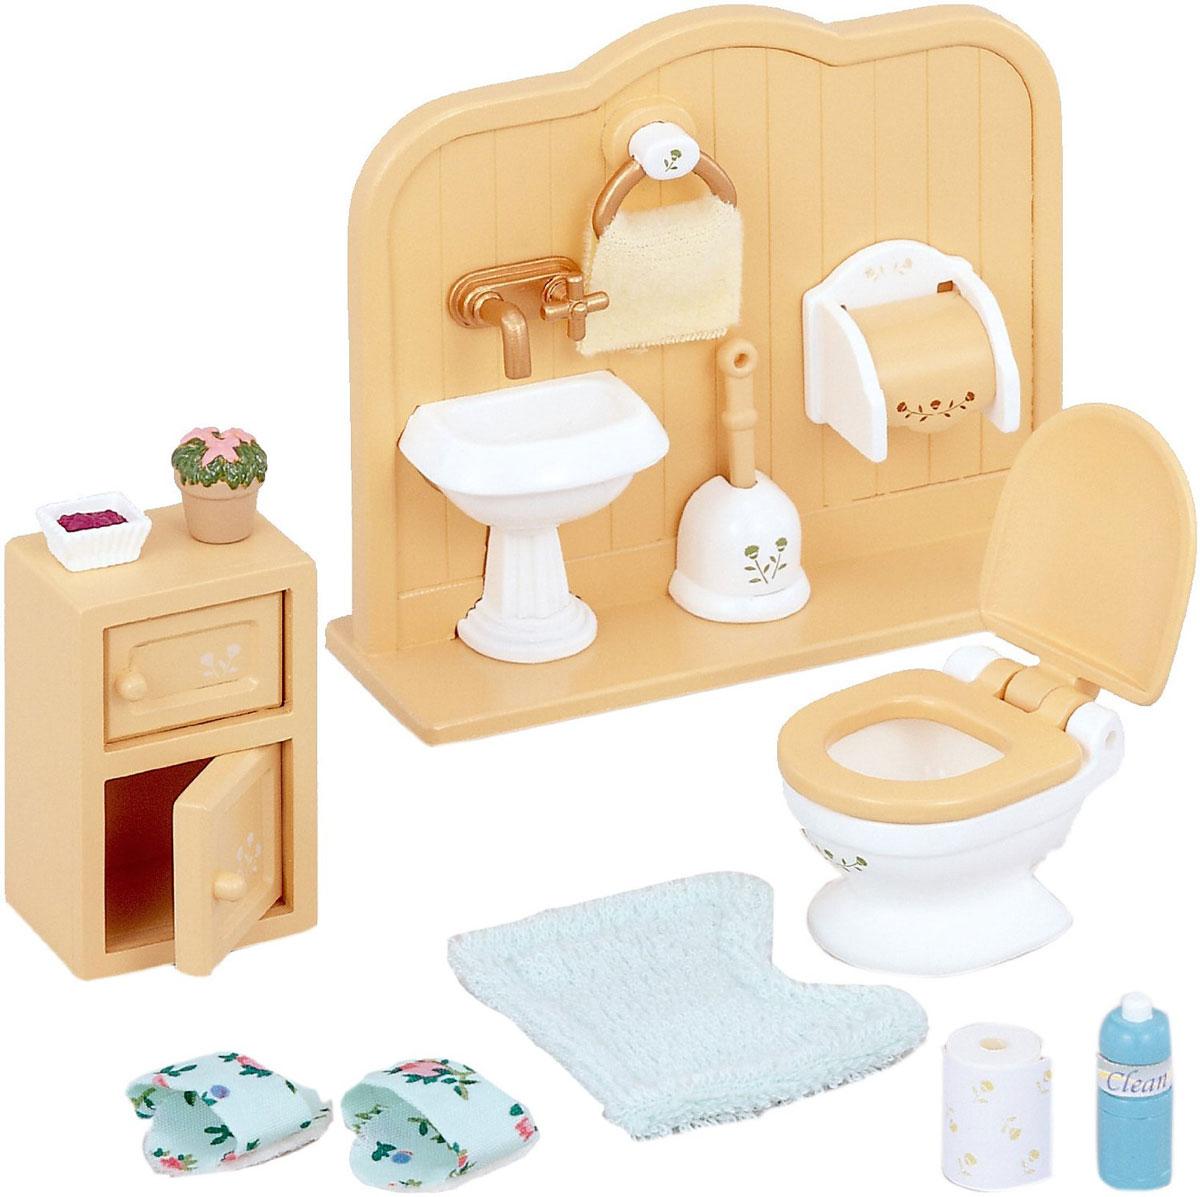 Sylvanian Families Игровой набор Туалетная комната3563Игровой набор Sylvanian Families Туалетная комната привлечет внимание вашей малышки и не позволит ей скучать. С помощью него она сможет оборудовать санузел в домике Sylvanian Families. Набор включает в себя стенку с умывальником, унитаз с поднимающейся сидушкой, шкафчик с двумя открывающимися дверками, коврик, тапочки, наклейки и различные аксессуары туалетной комнаты. Ваша малышка будет часами играть с набором, придумывая различные истории. Sylvanian Families - это целый мир маленьких жителей, объединенных общей легендой. Жители страны Sylvanian Families - это кролики, белки, медведи, лисы и многие другие. У каждого из них есть дом, в котором есть все необходимое для счастливой жизни. В городе, где живут герои, есть школа, больница, рынок, пекарня, детский сад и множество других полезных объектов. Жители этой страны живут семьями, в каждой из которой есть дети. В домах Sylvanian Families царит уют и гармония. Домашние животные радуют хозяев. Здесь...